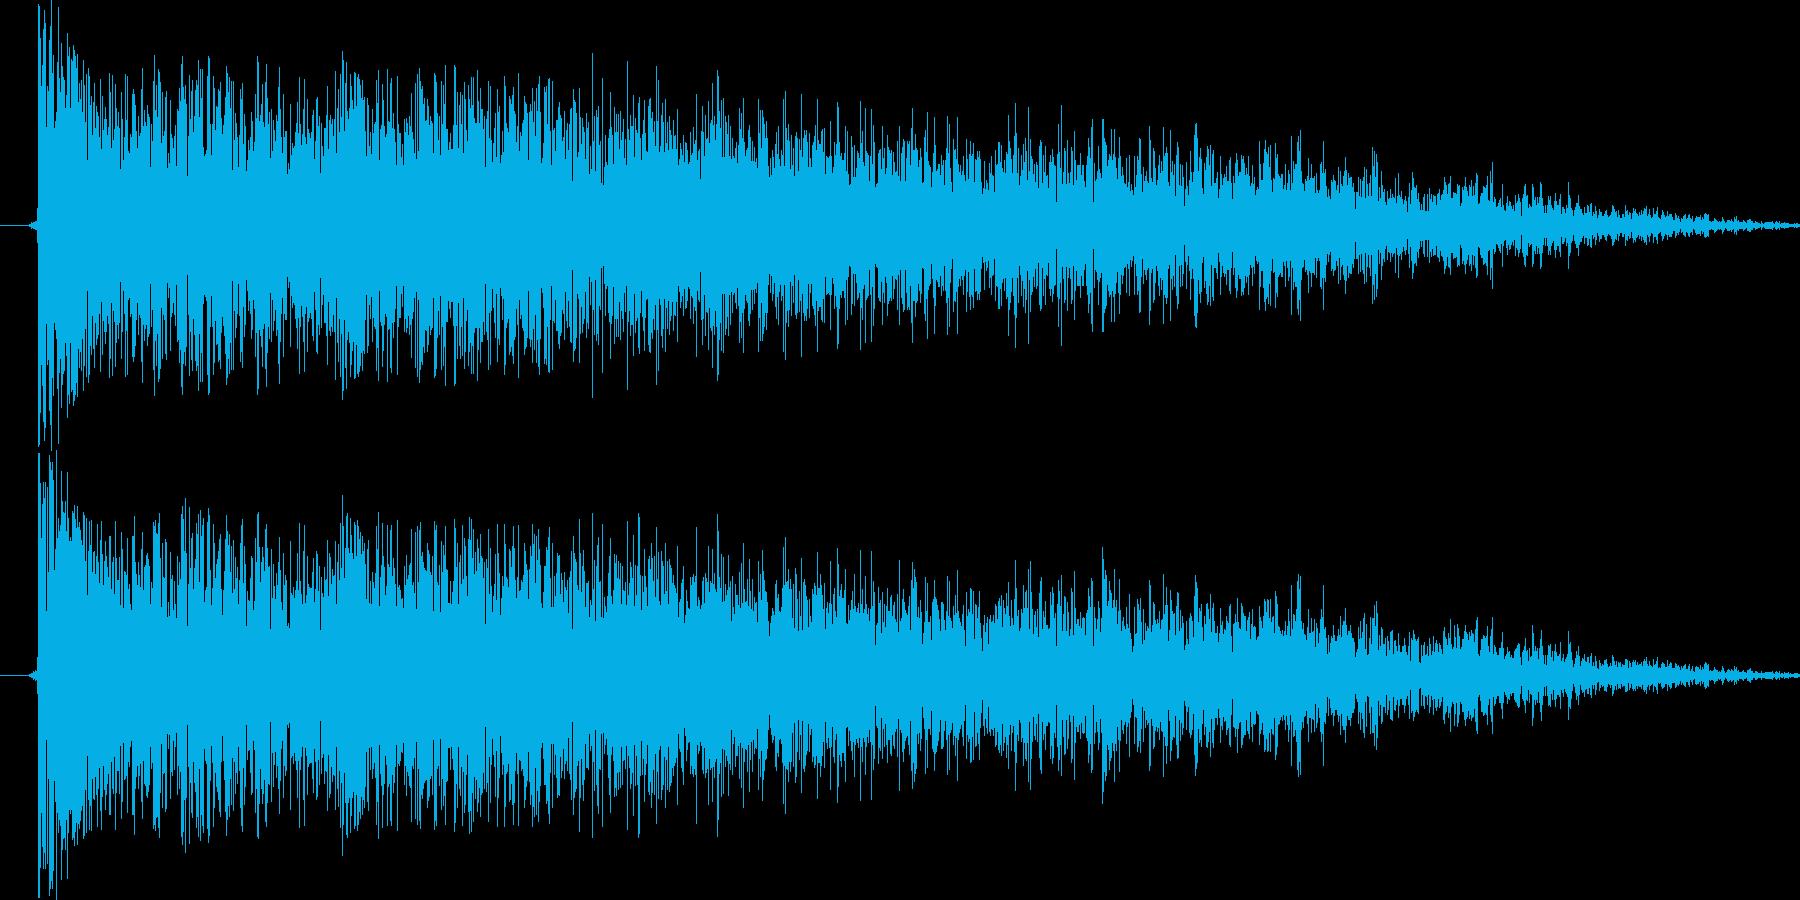 例の音が好きで頑張ってみました今の技術…の再生済みの波形